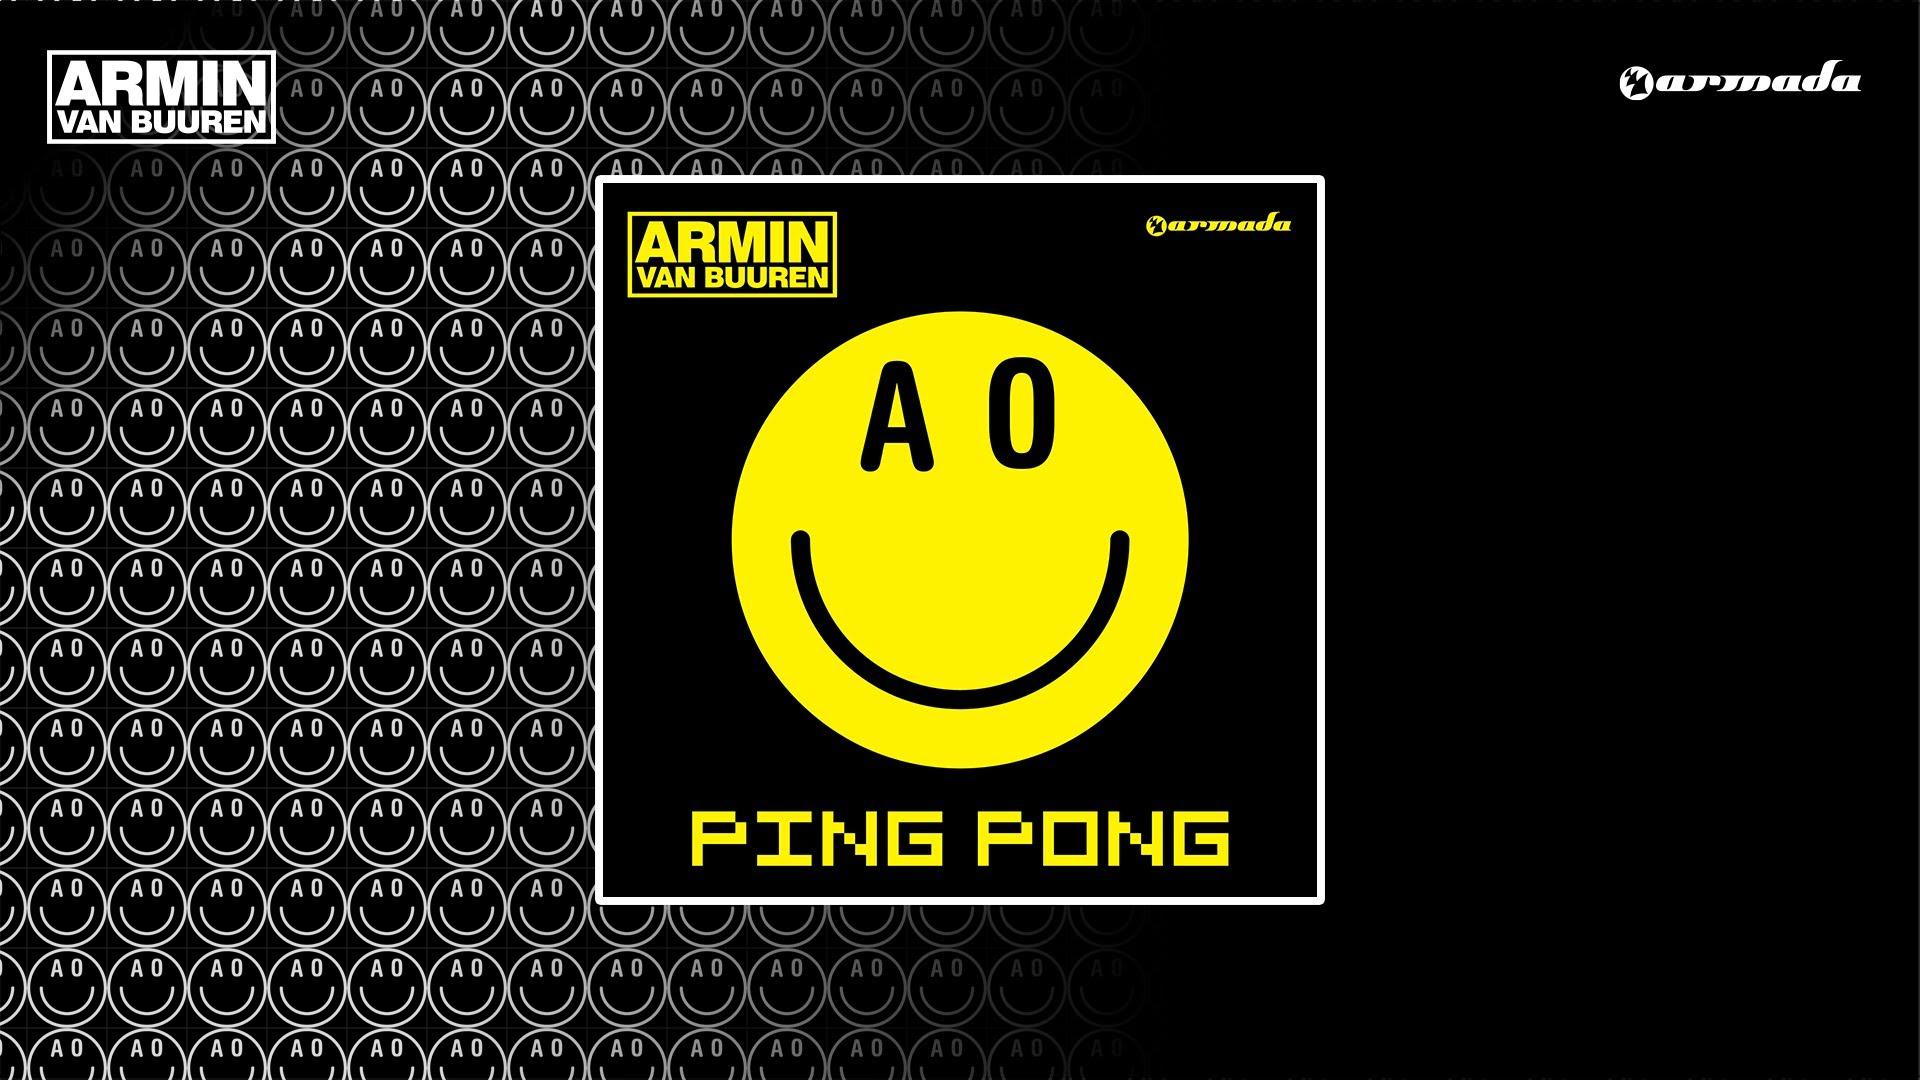 ARMIN VAN BUUREN-PING PONG